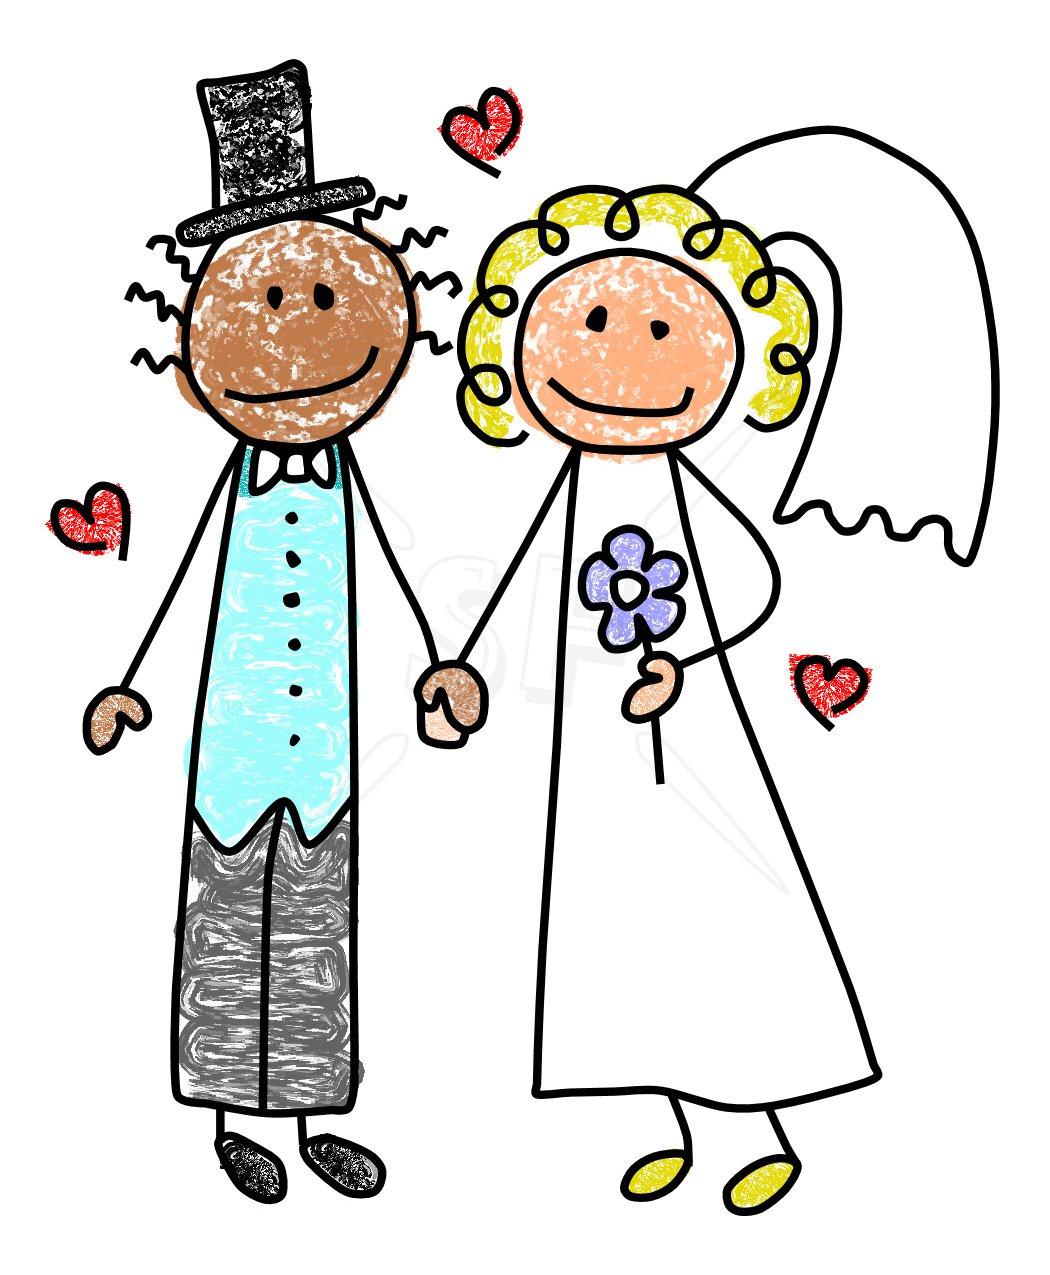 1050x1275 Bride And Groom Drawings Groom Cute Bride Groom Stick Figures